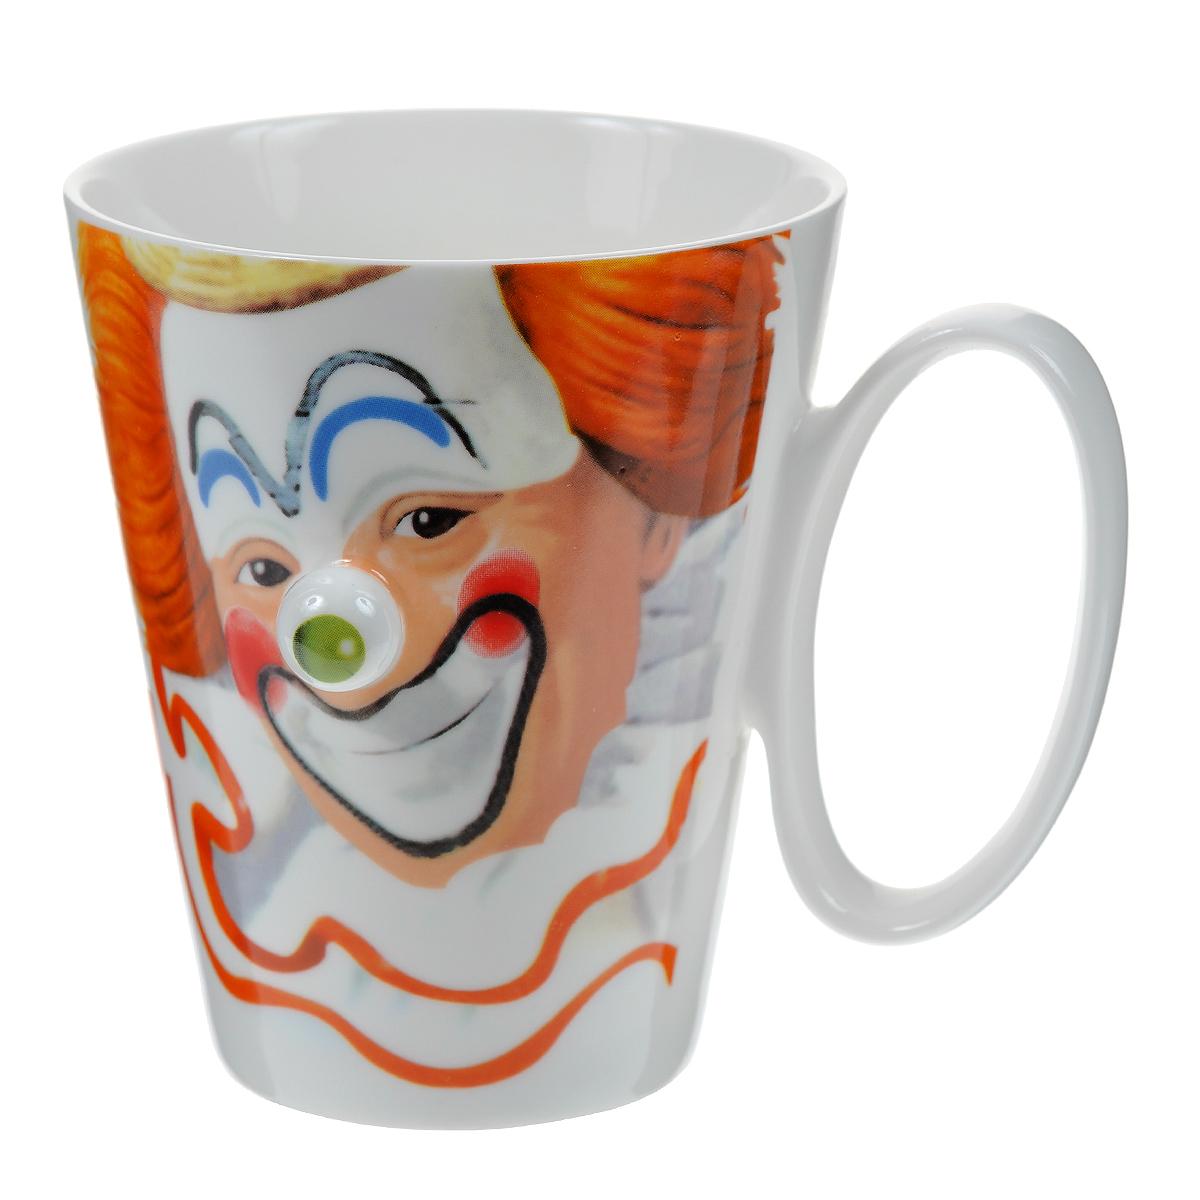 Кружка Клоун, зеленый нос. 003427003427Оригинальная кружка Клоун выполнена из керамики и оформлена забавным изображением клоуна с выступающим зеленым носом. Такая кружка станет не только приятным, но и практичным сувениром. Характеристики:Материал:керамика. Высота кружки:10 см. Диаметр по верхнему краю: 8,5 см. Размер упаковки:11,5 см х 9,5 см х 11 см. Артикул:003427.